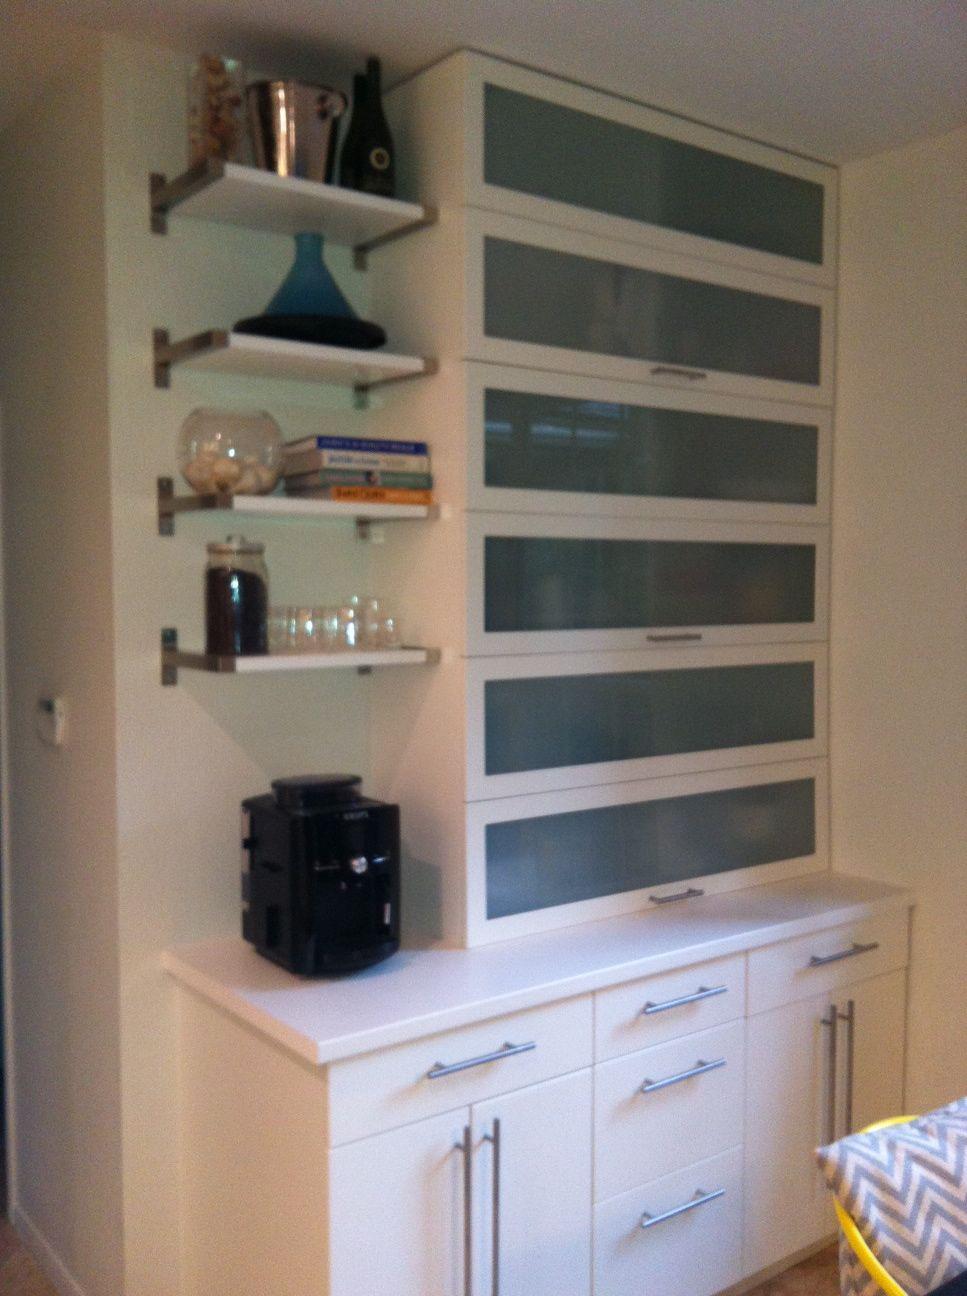 Best Kitchen Gallery: Shallow Kitchen Cabi S Photo Shallow Kitchen Cabi S of Shallow Kitchen Wall Cabinets on rachelxblog.com